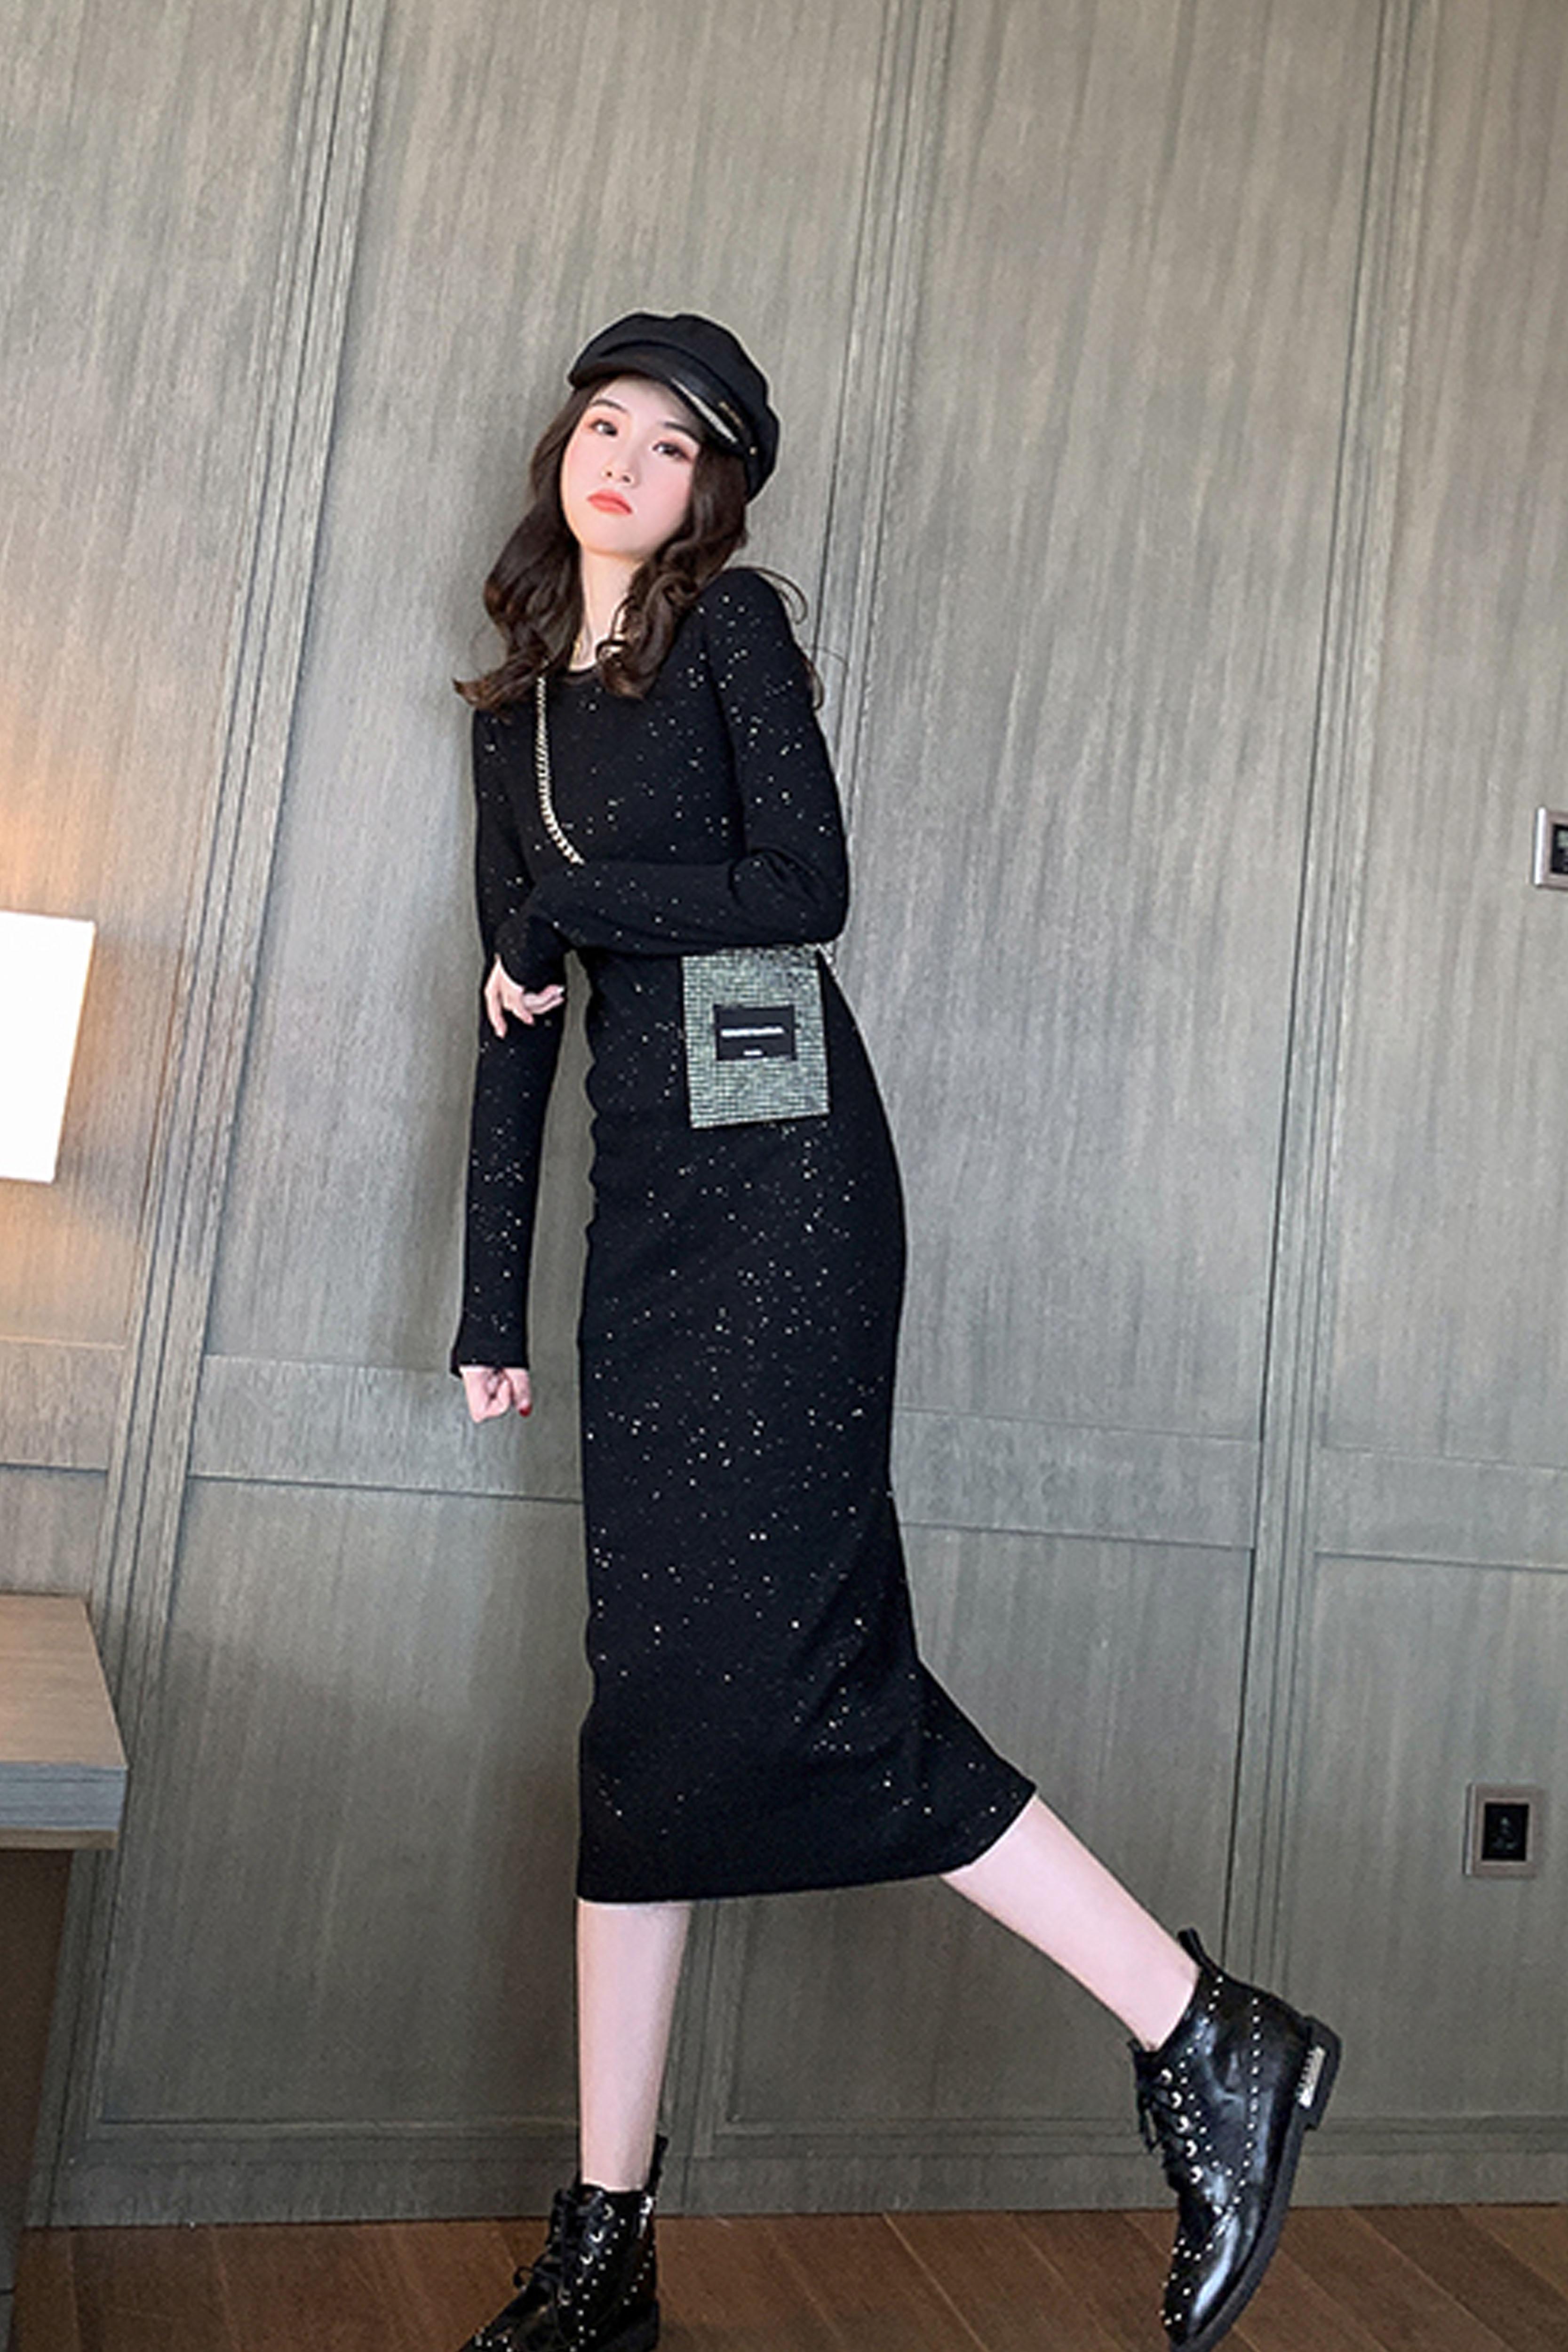 闪亮黑色针织连衣裙2019秋季新款中长款过膝后开叉长袖打底裙